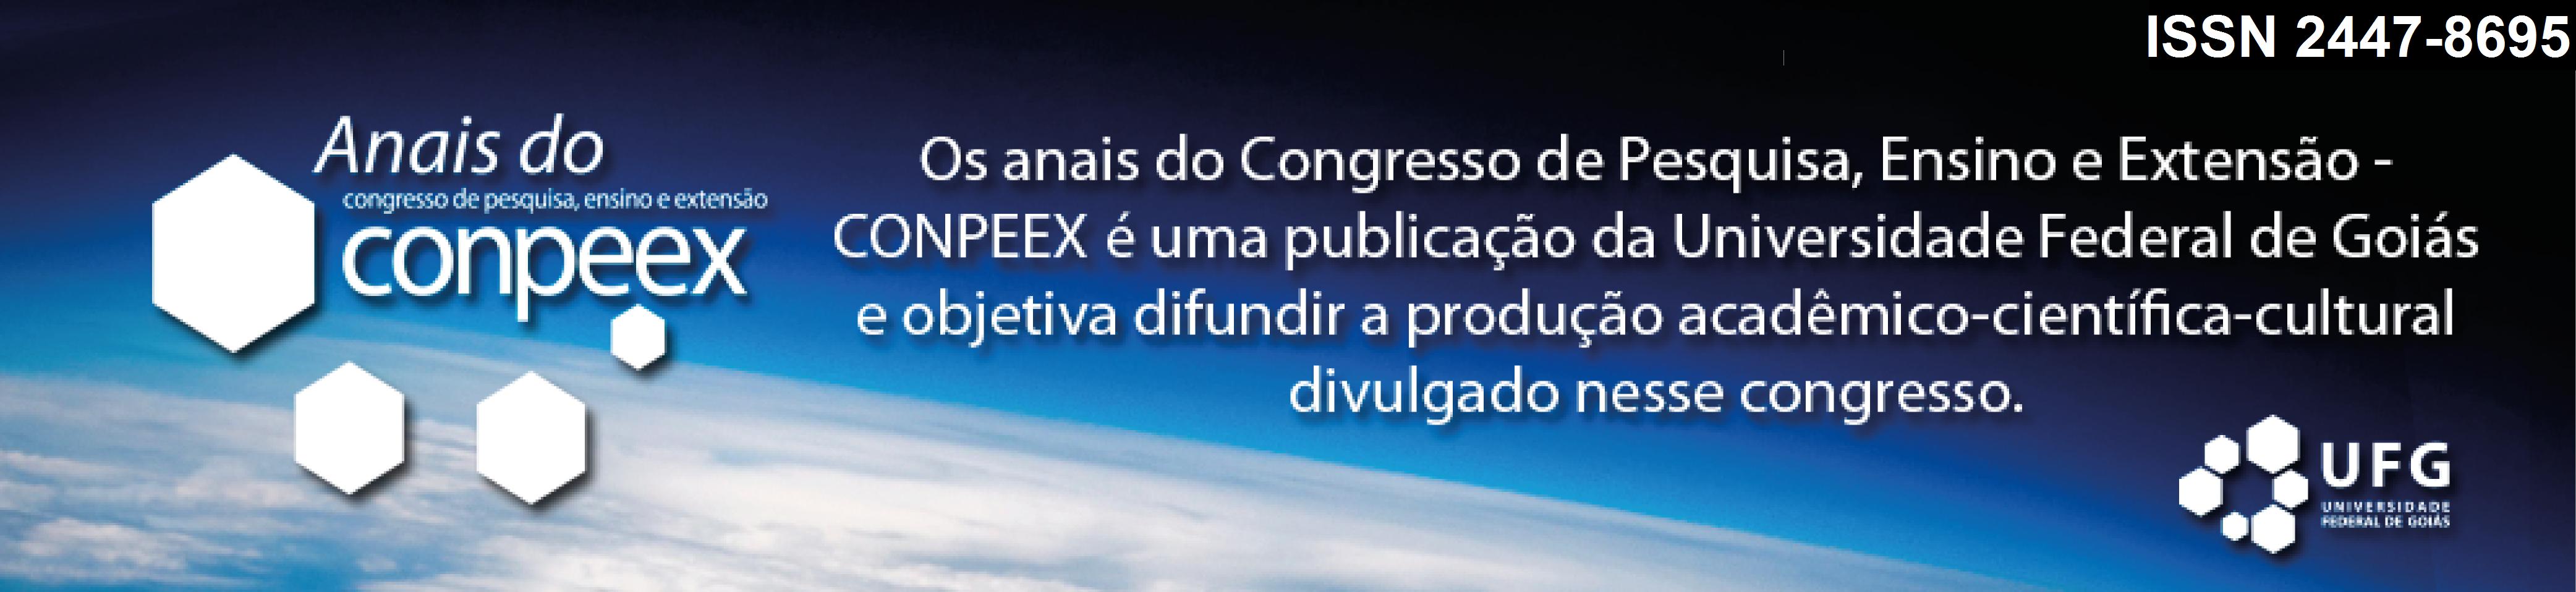 Anais ISSN 2447-8695